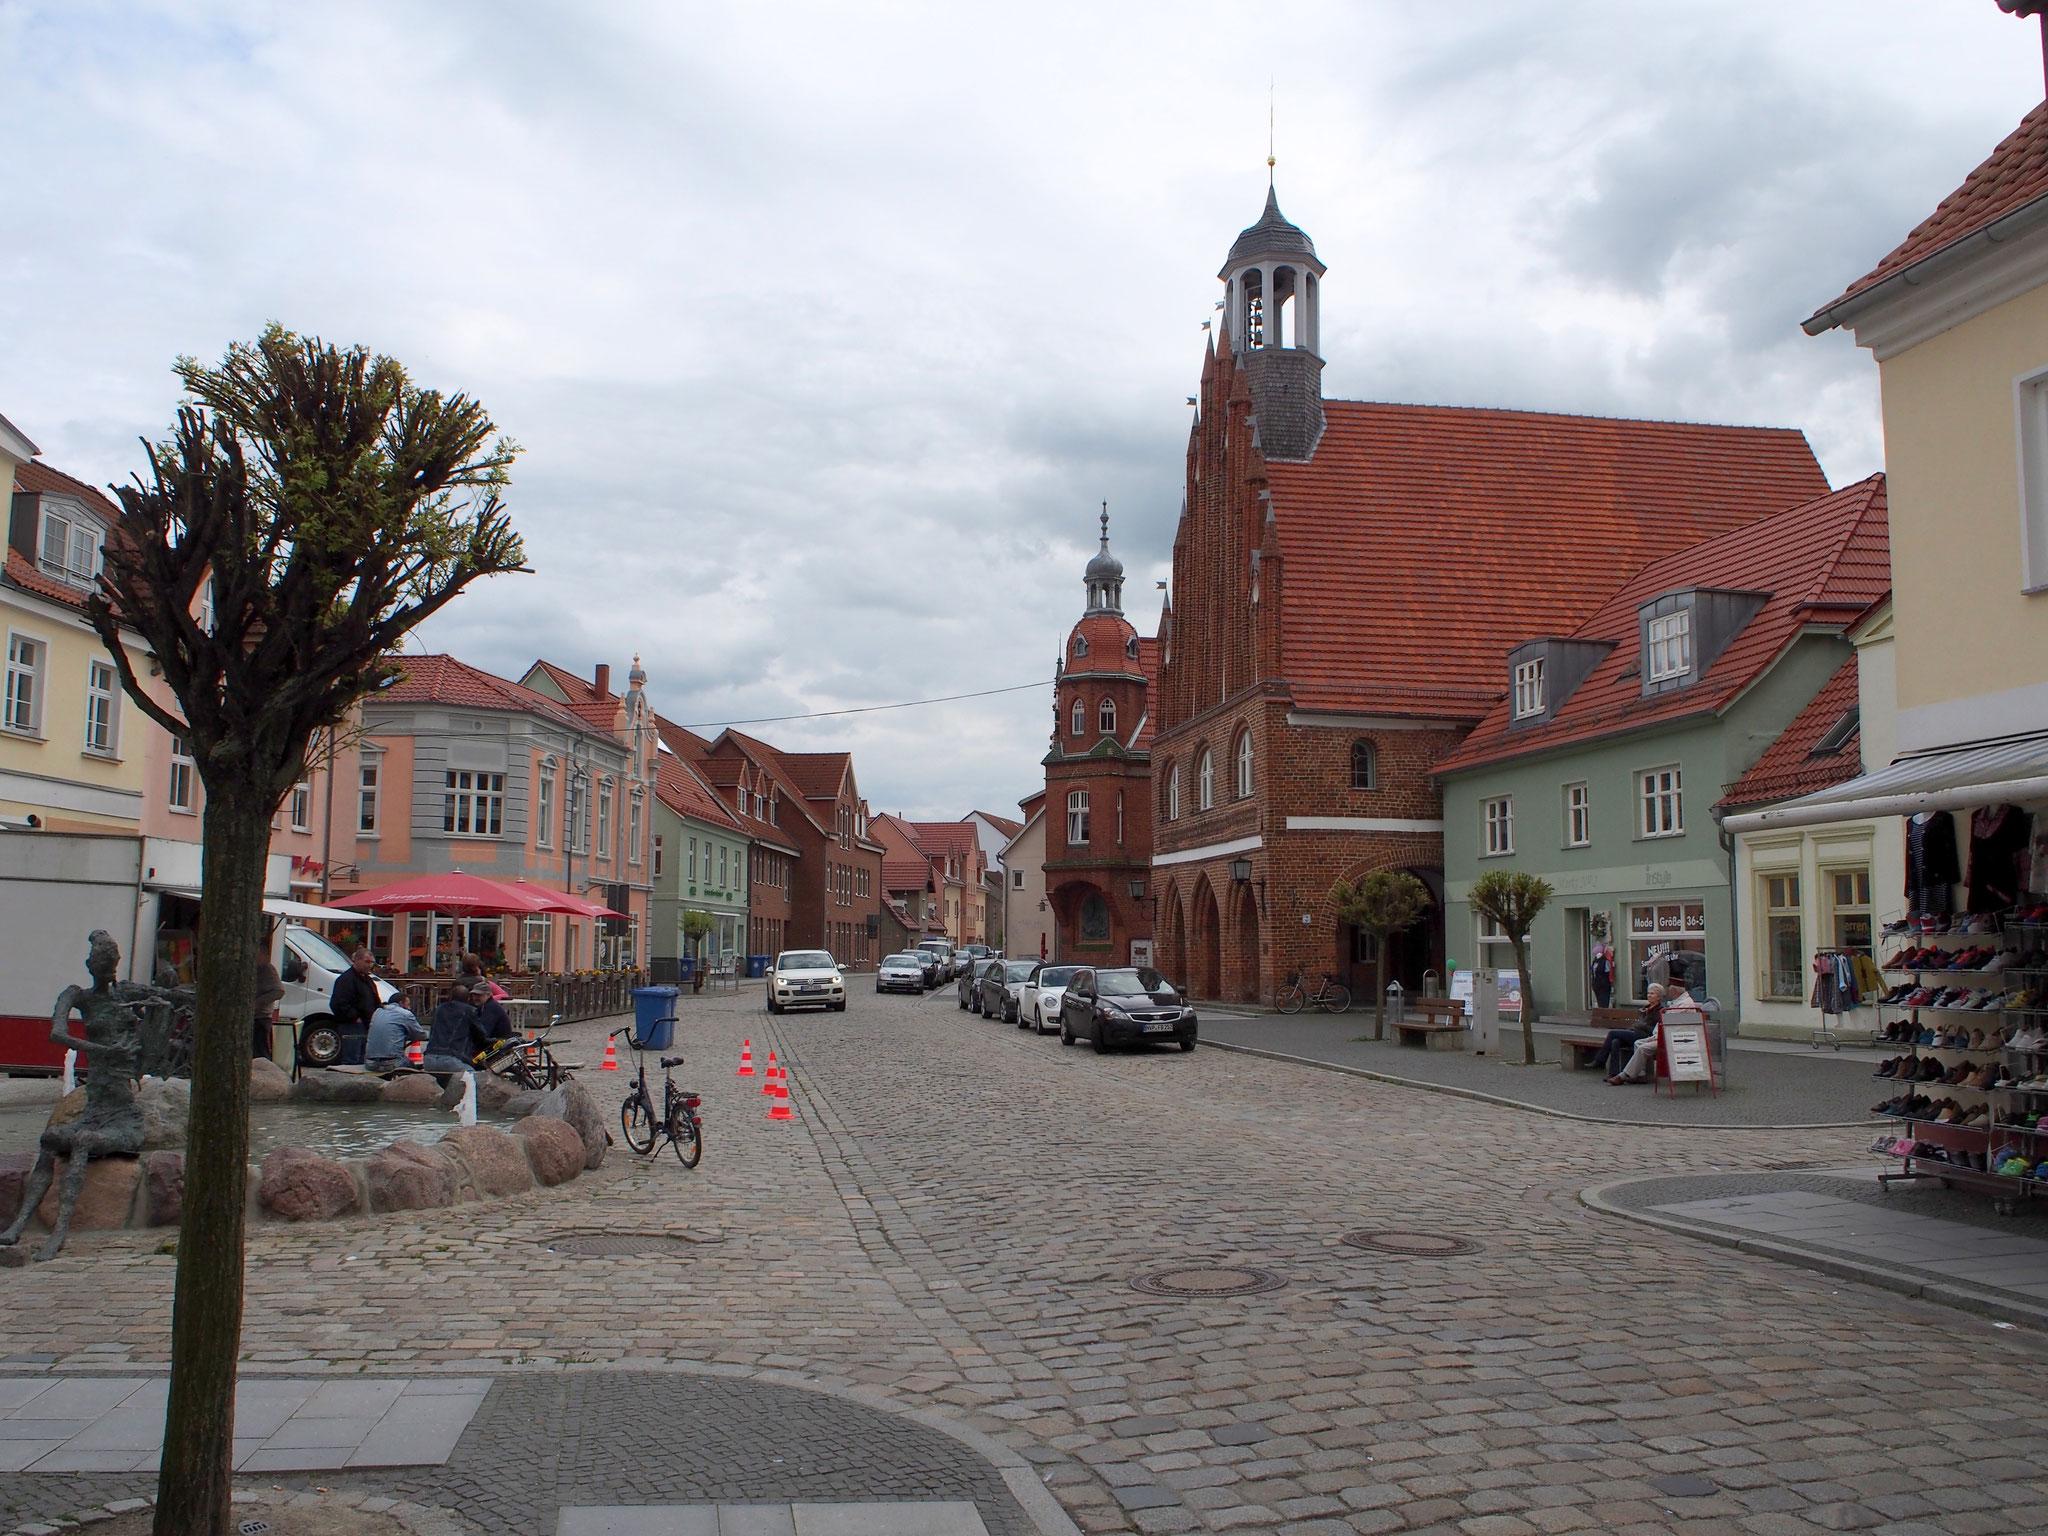 Markt von Grimmen